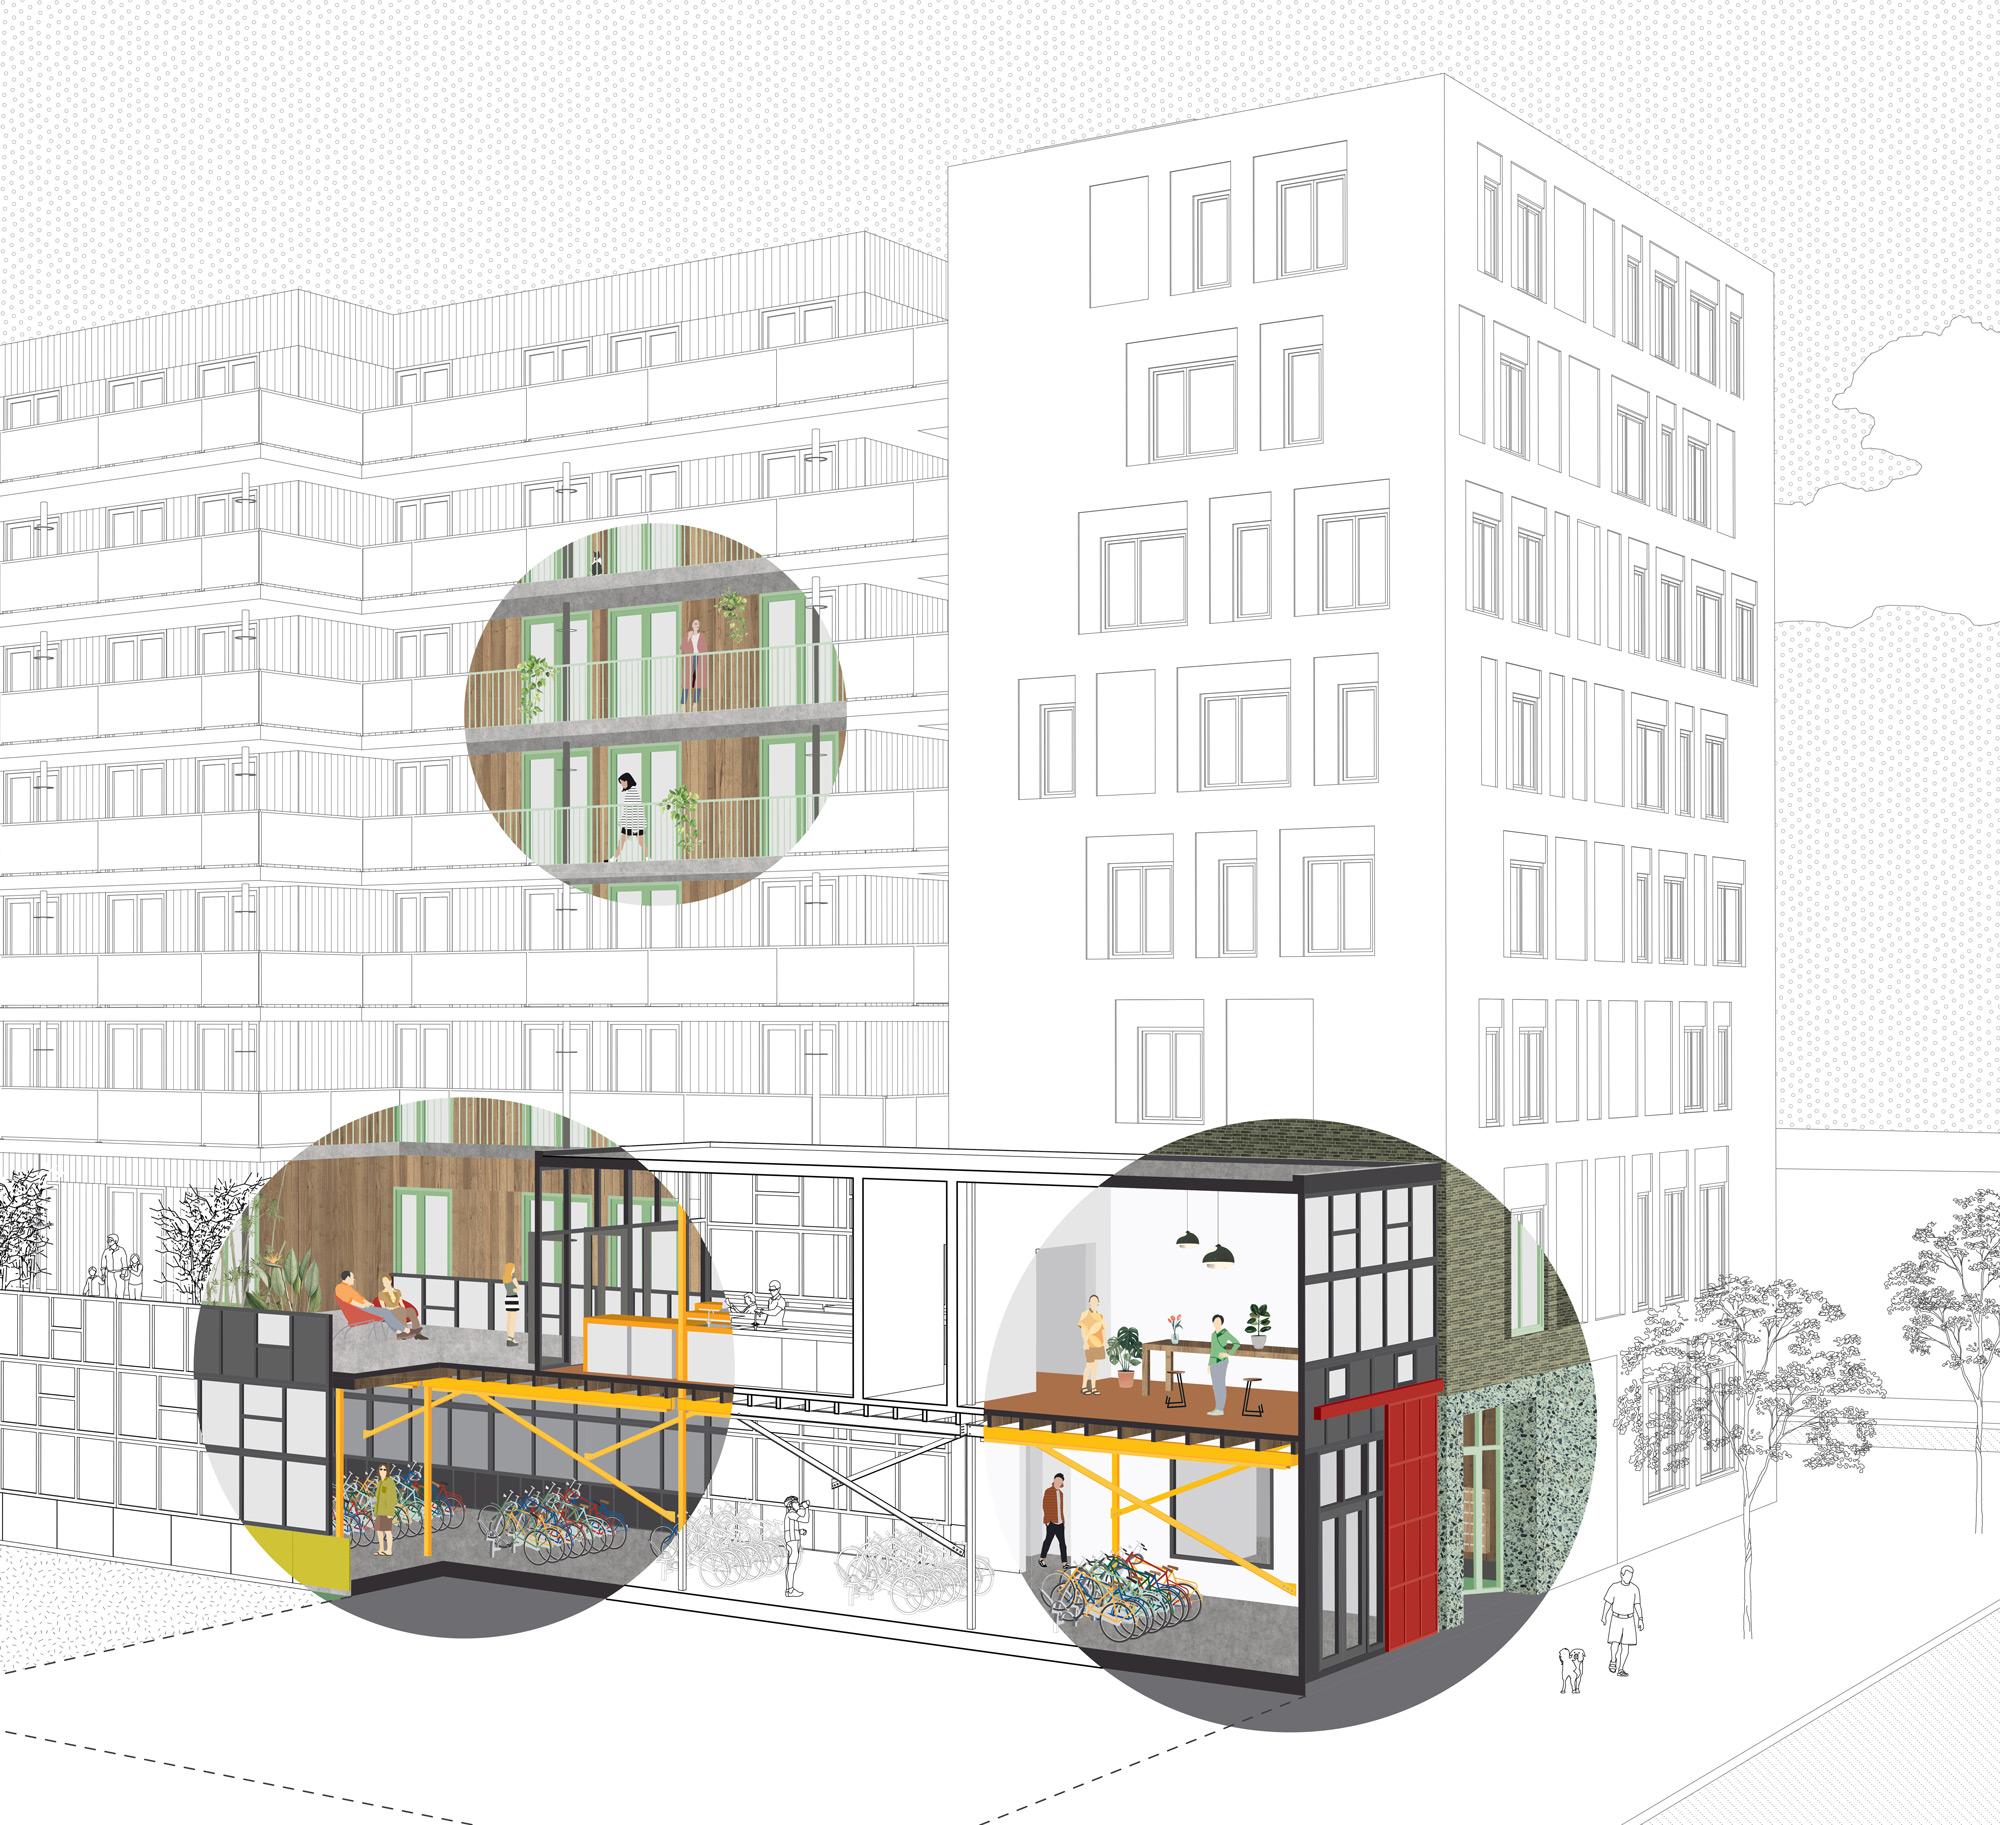 oostenburg_architect_galerij_groen-gebouw_green-building_bicycles_4